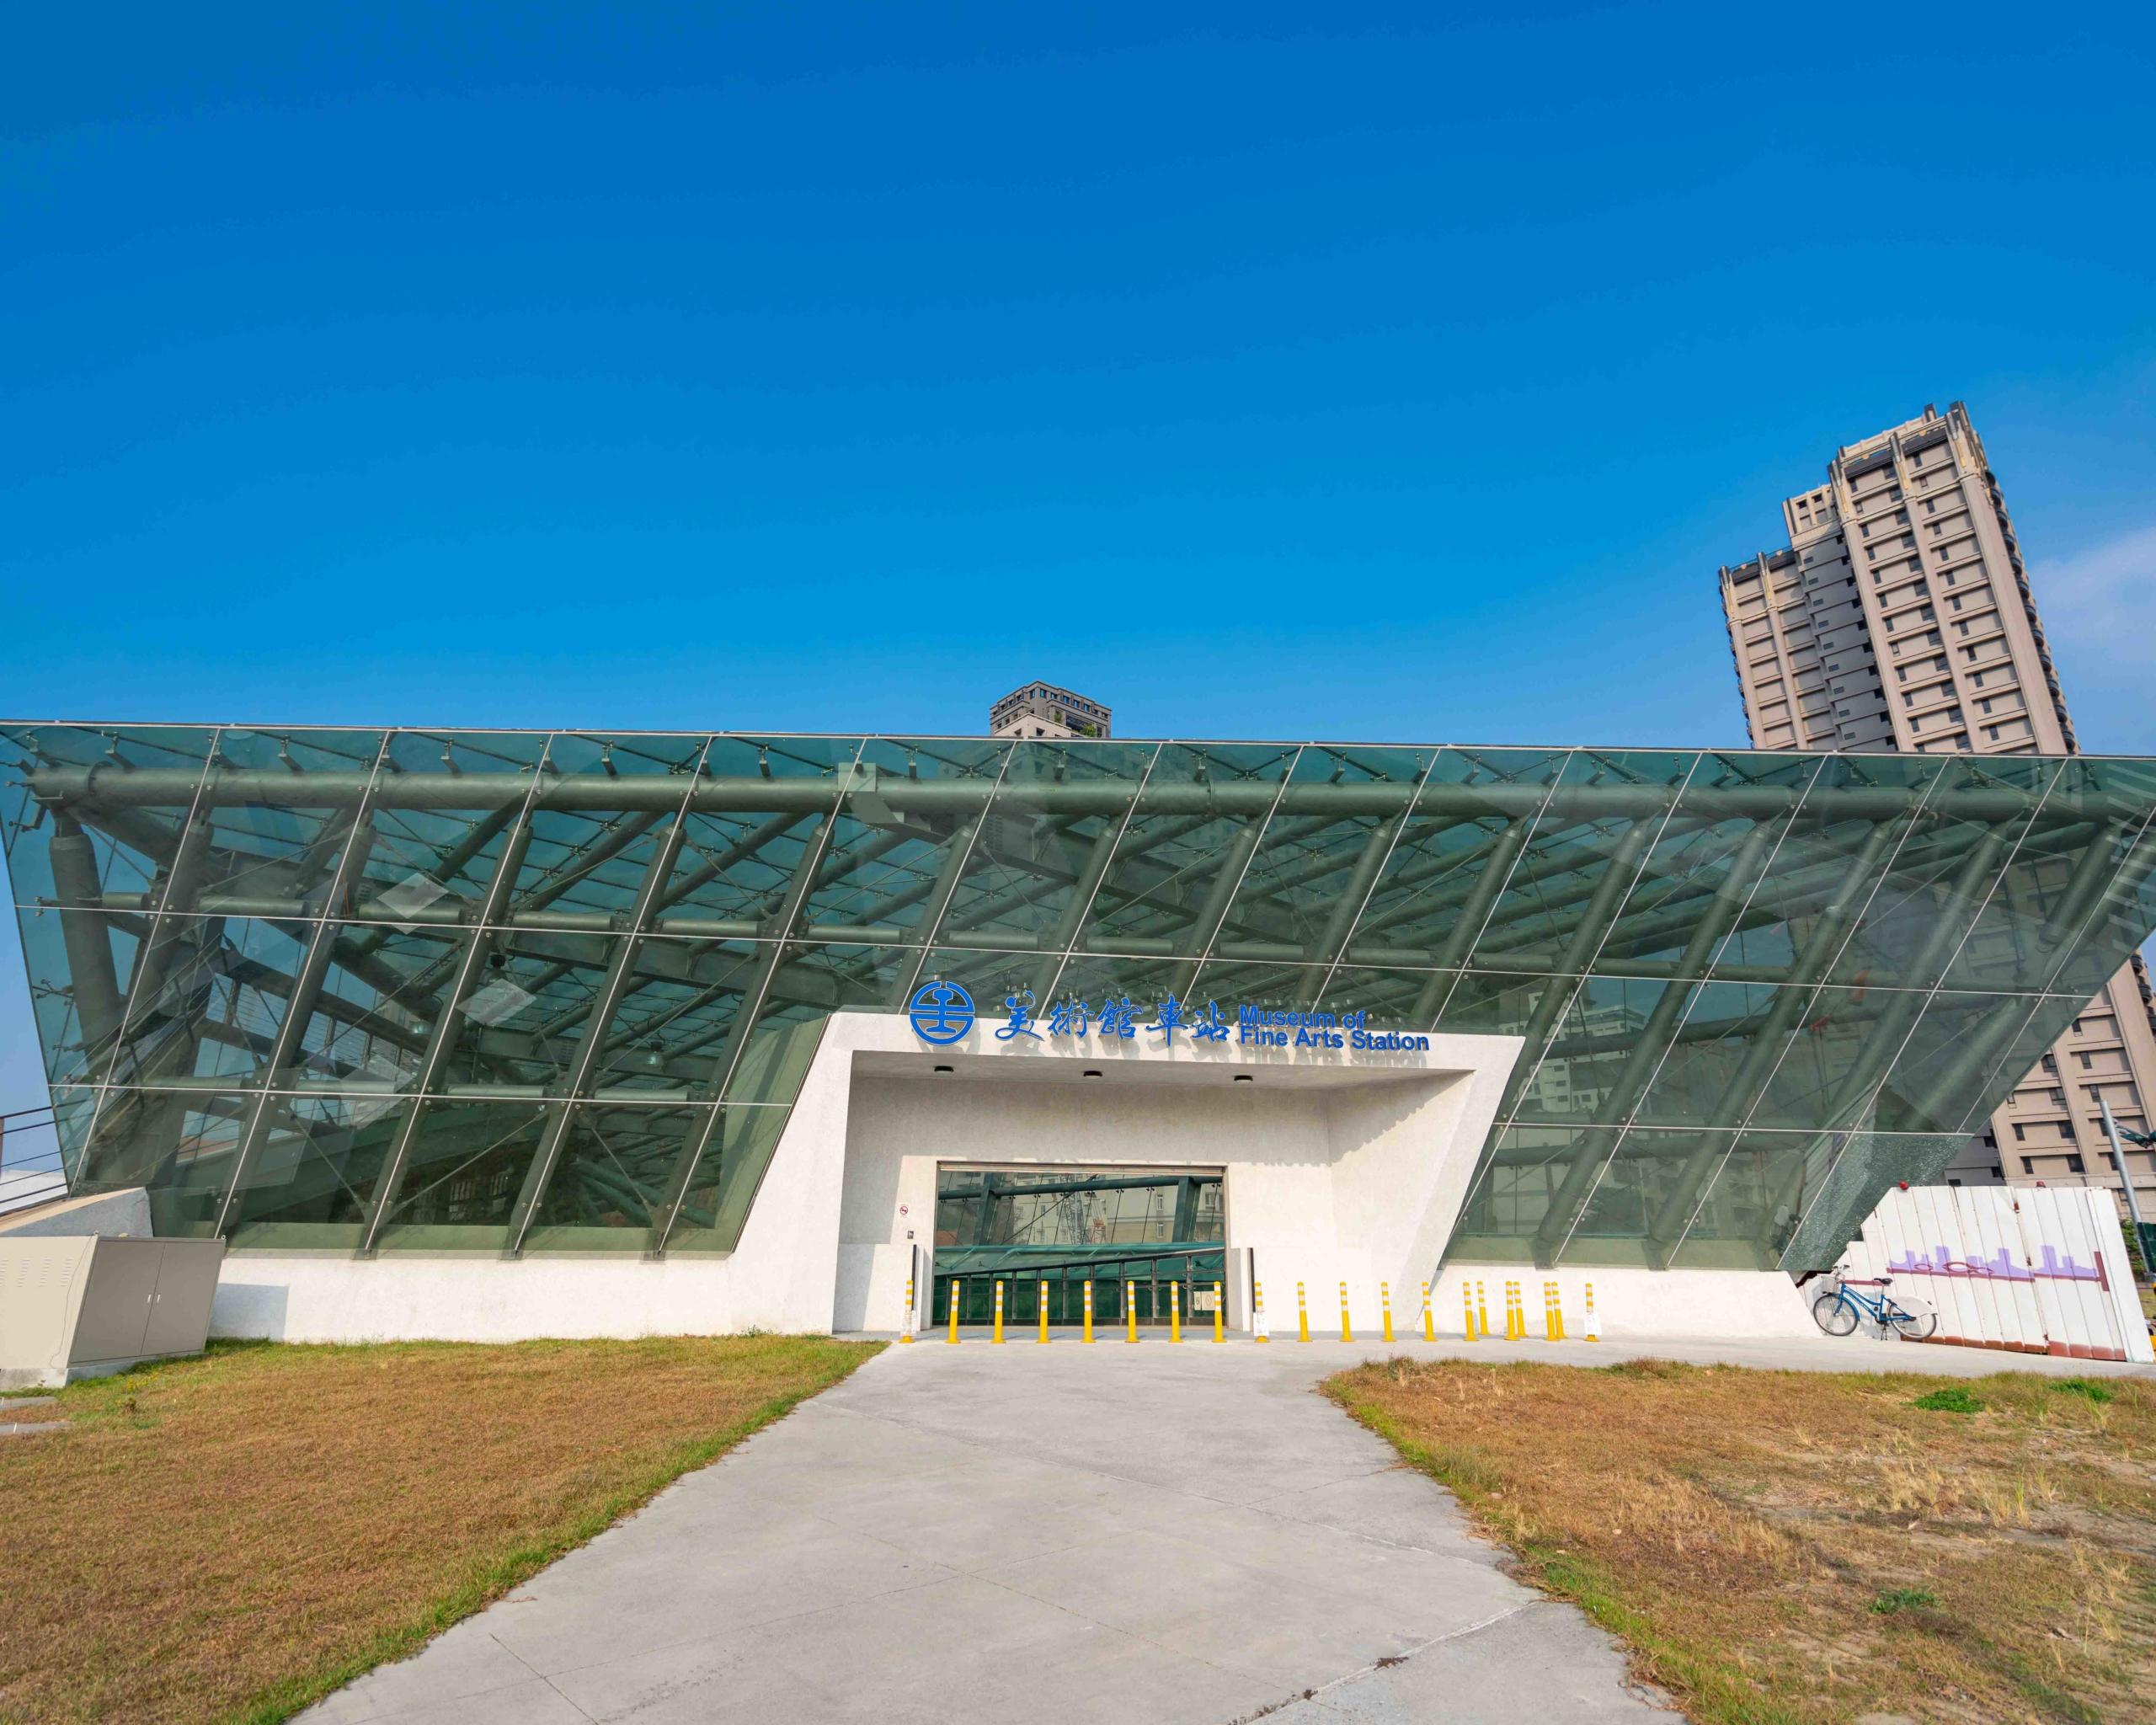 青海line-美術館站